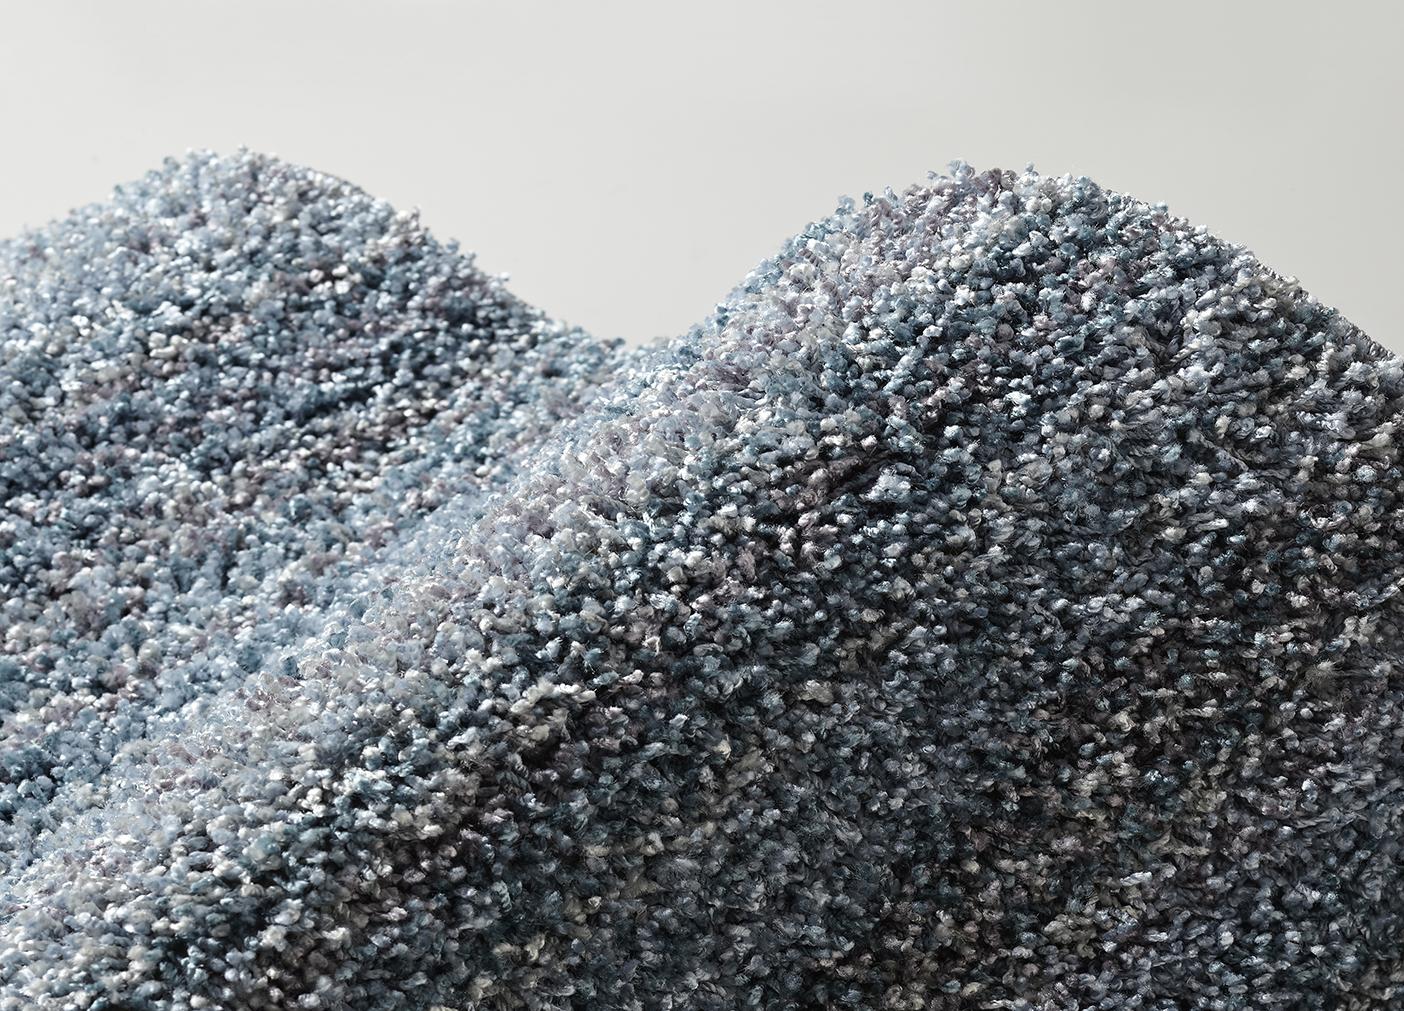 高機能&サイズ豊富な大人気ツイストシャギーラグ『ラックスアイスブルー』